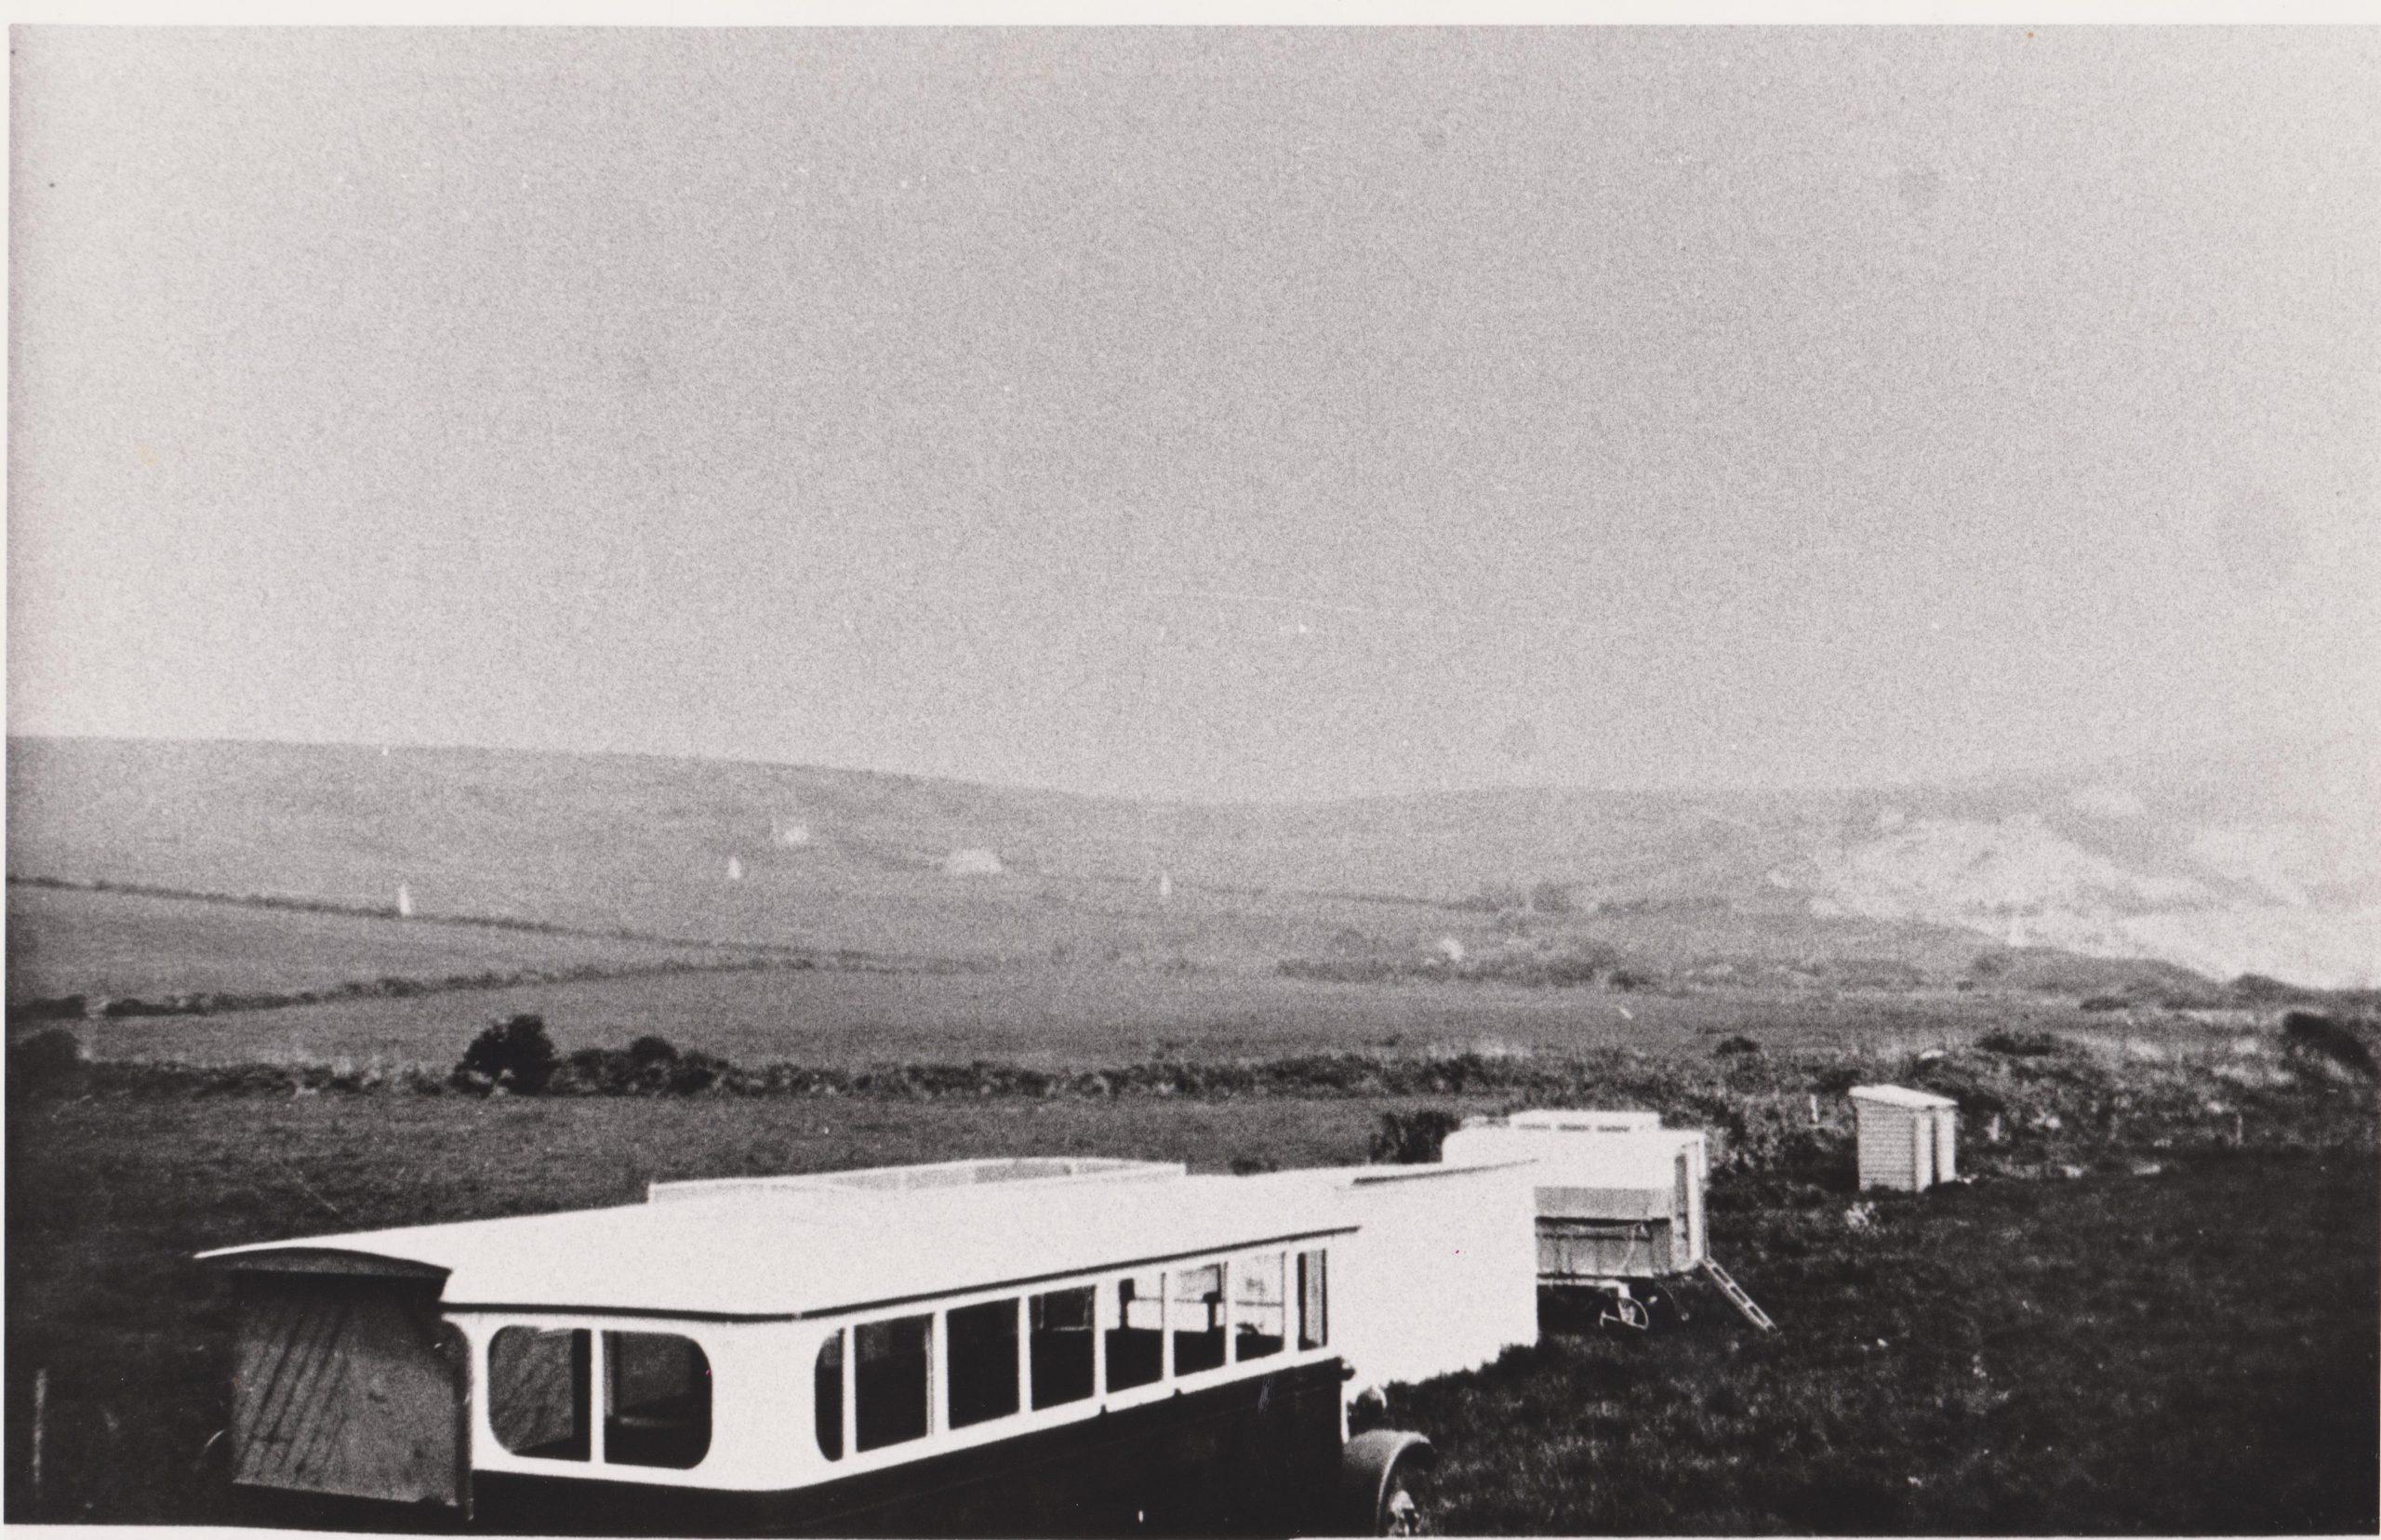 Old caravans in Ringstead 1930s